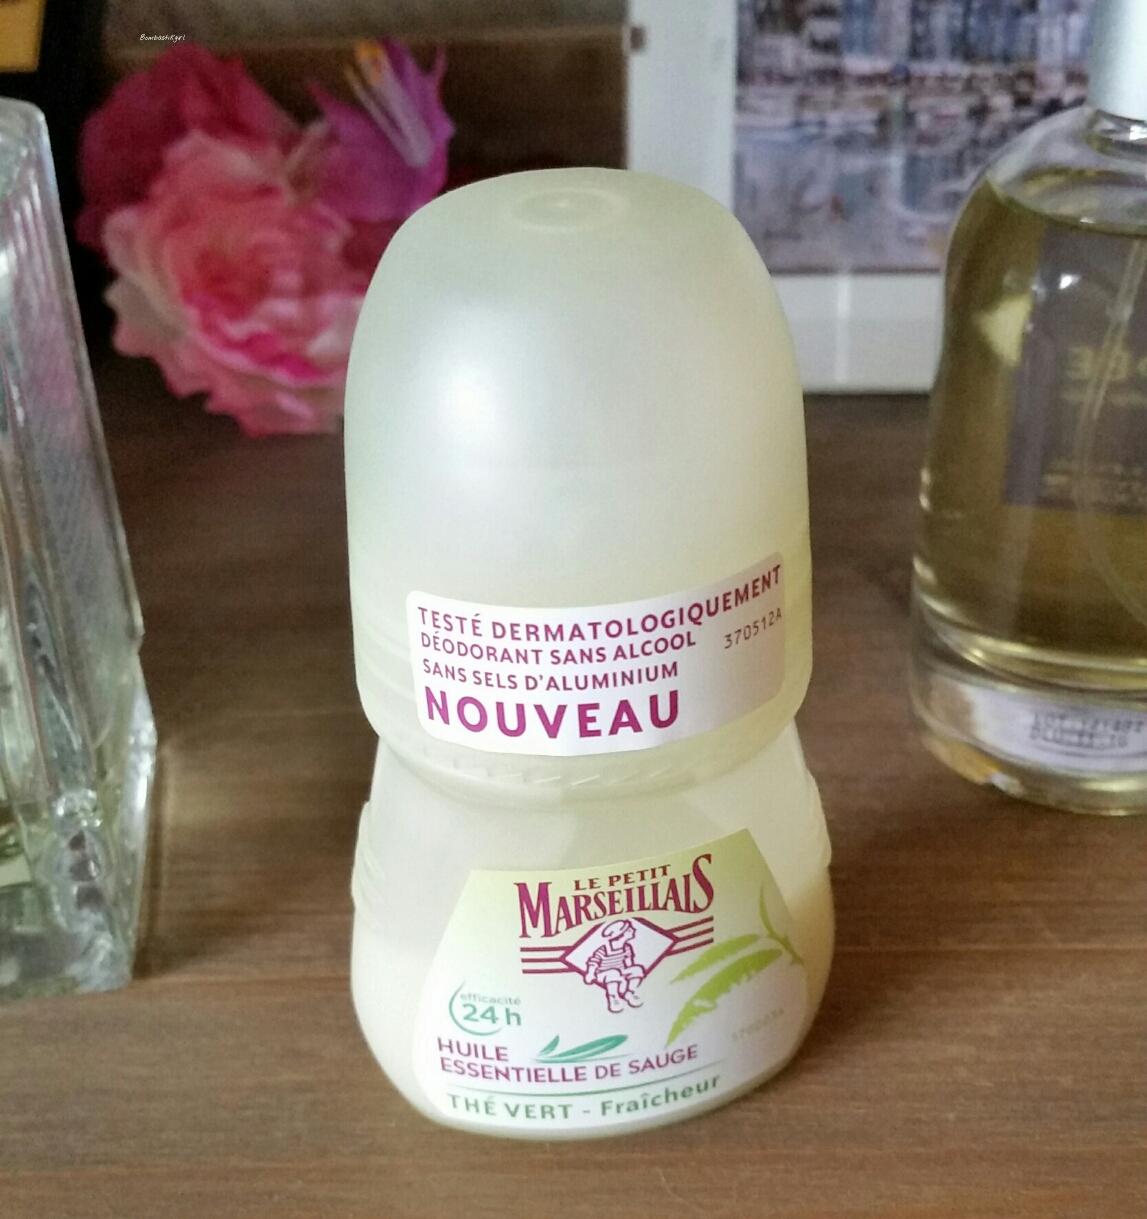 Le cas du déodorant fraîcheur thé vert Le Petit Marseillais